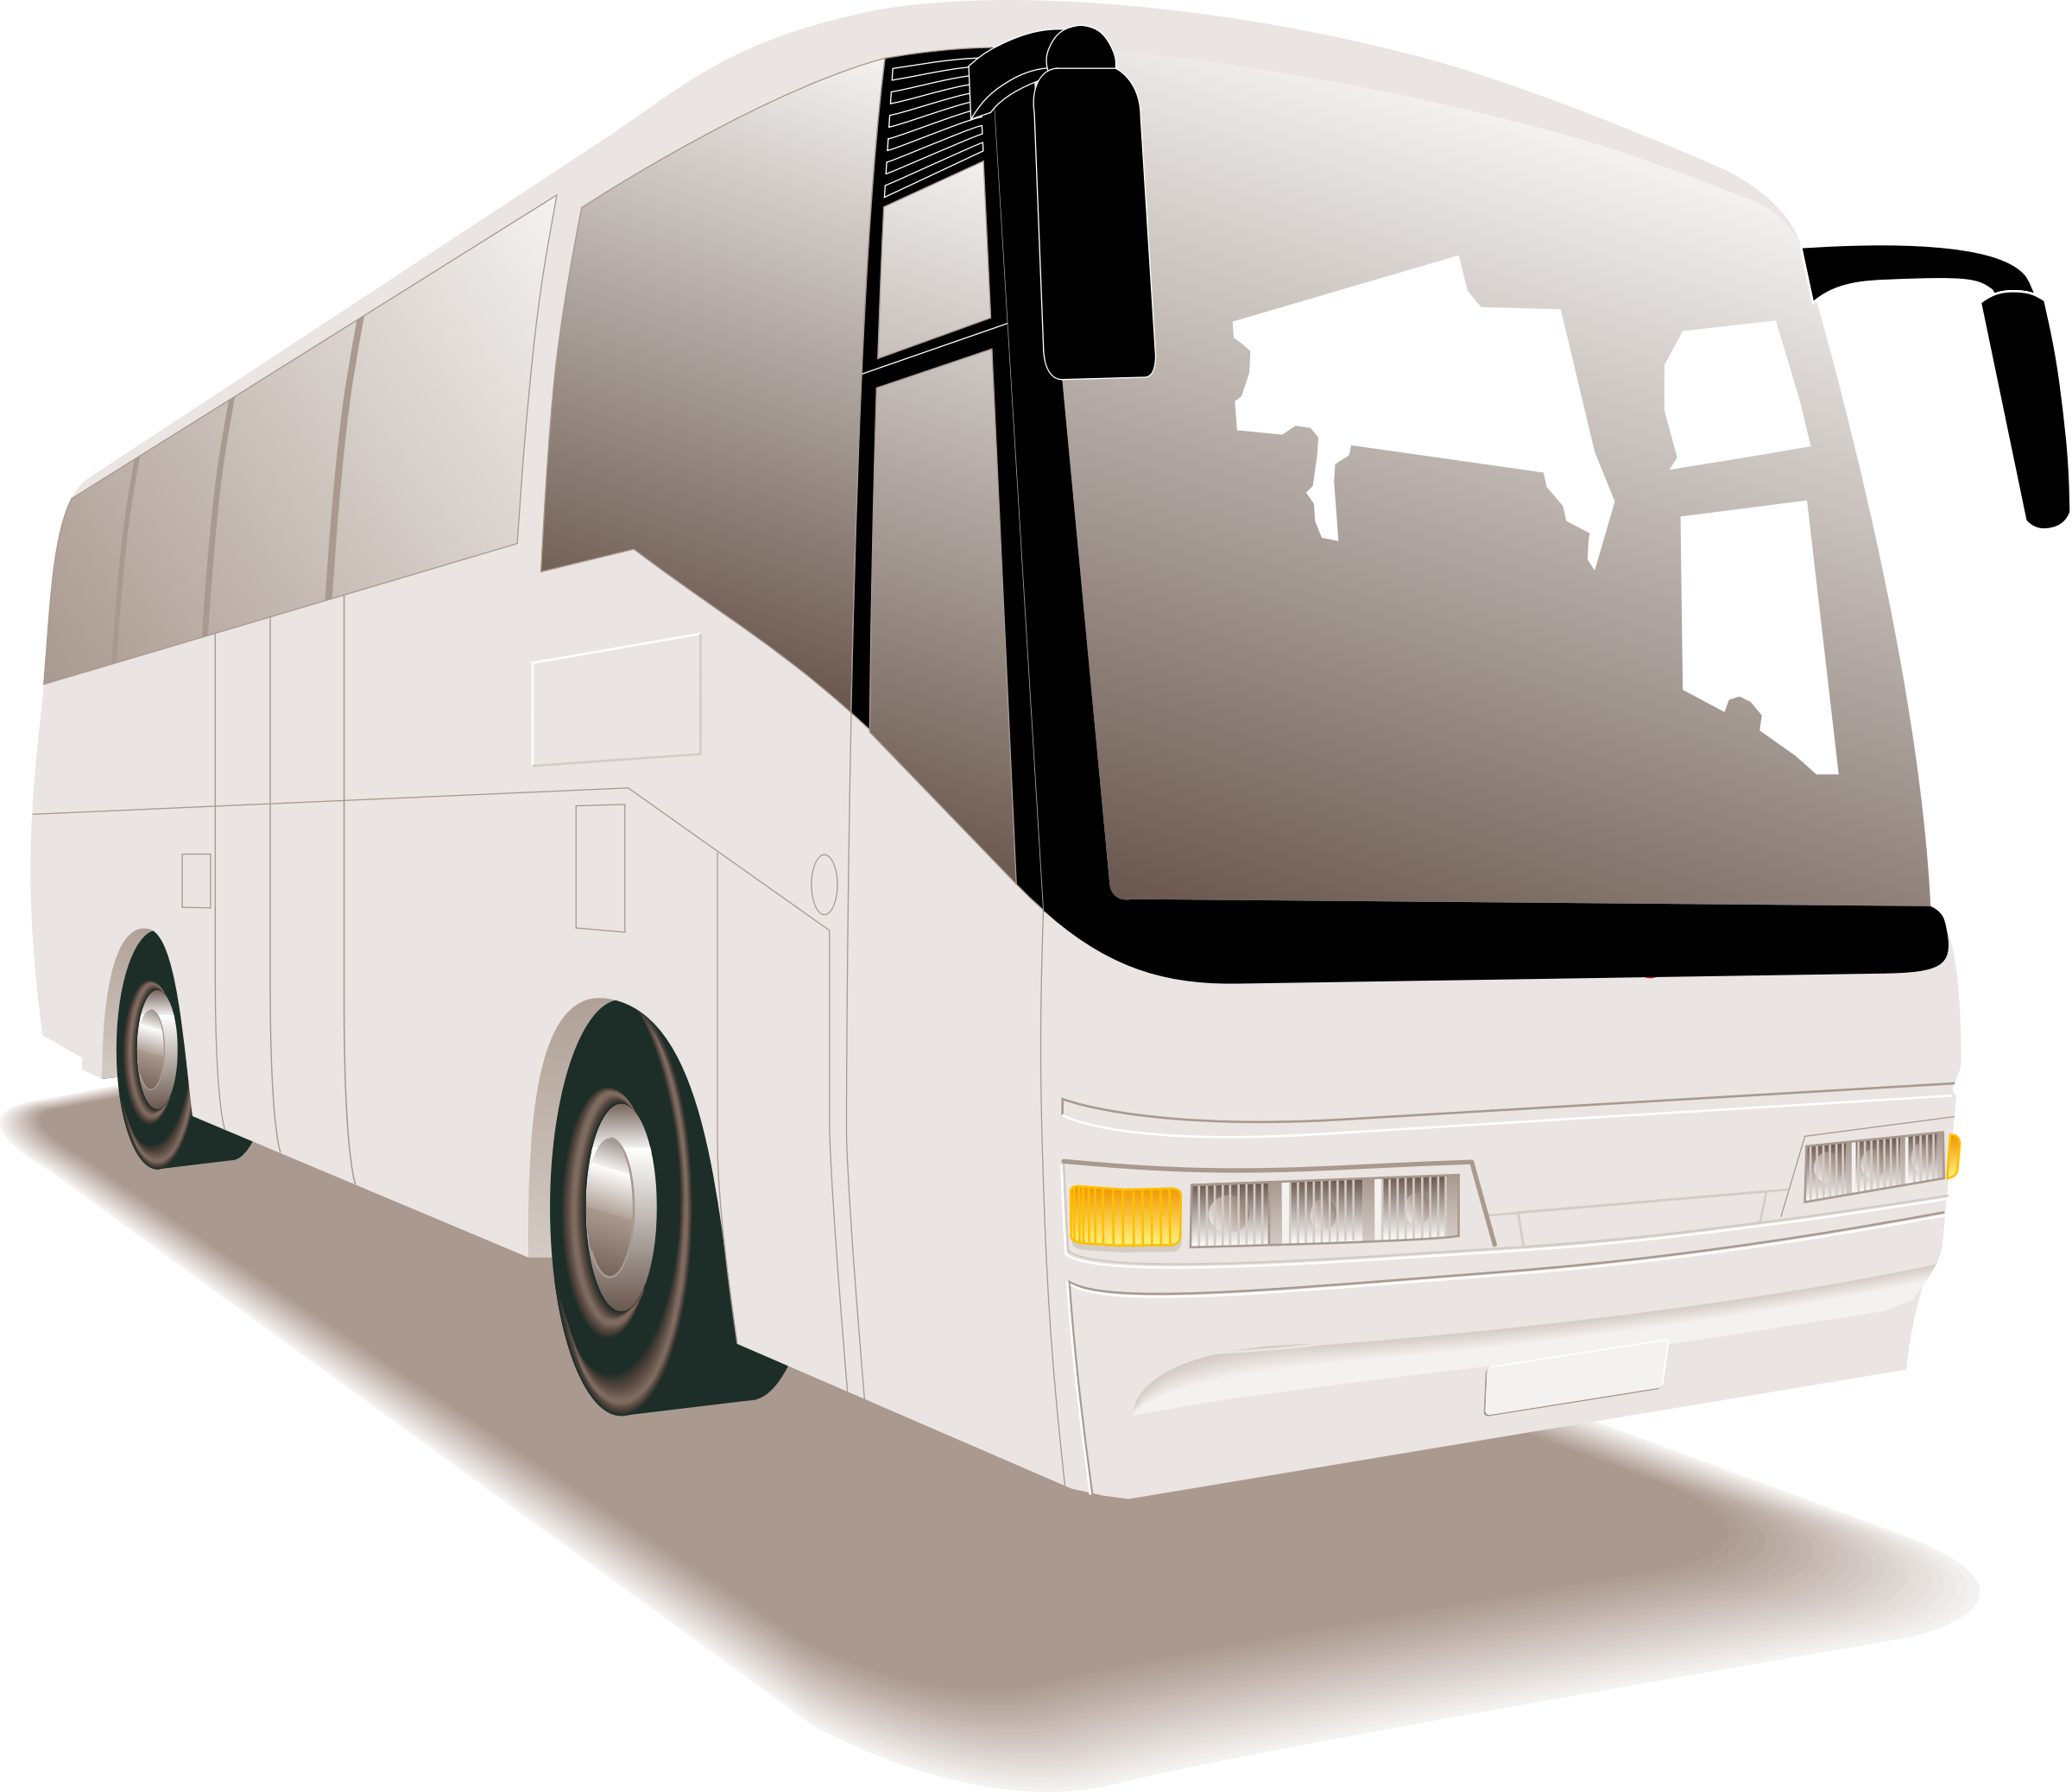 BIG IMAGE (PNG) - PNG Tour Bus